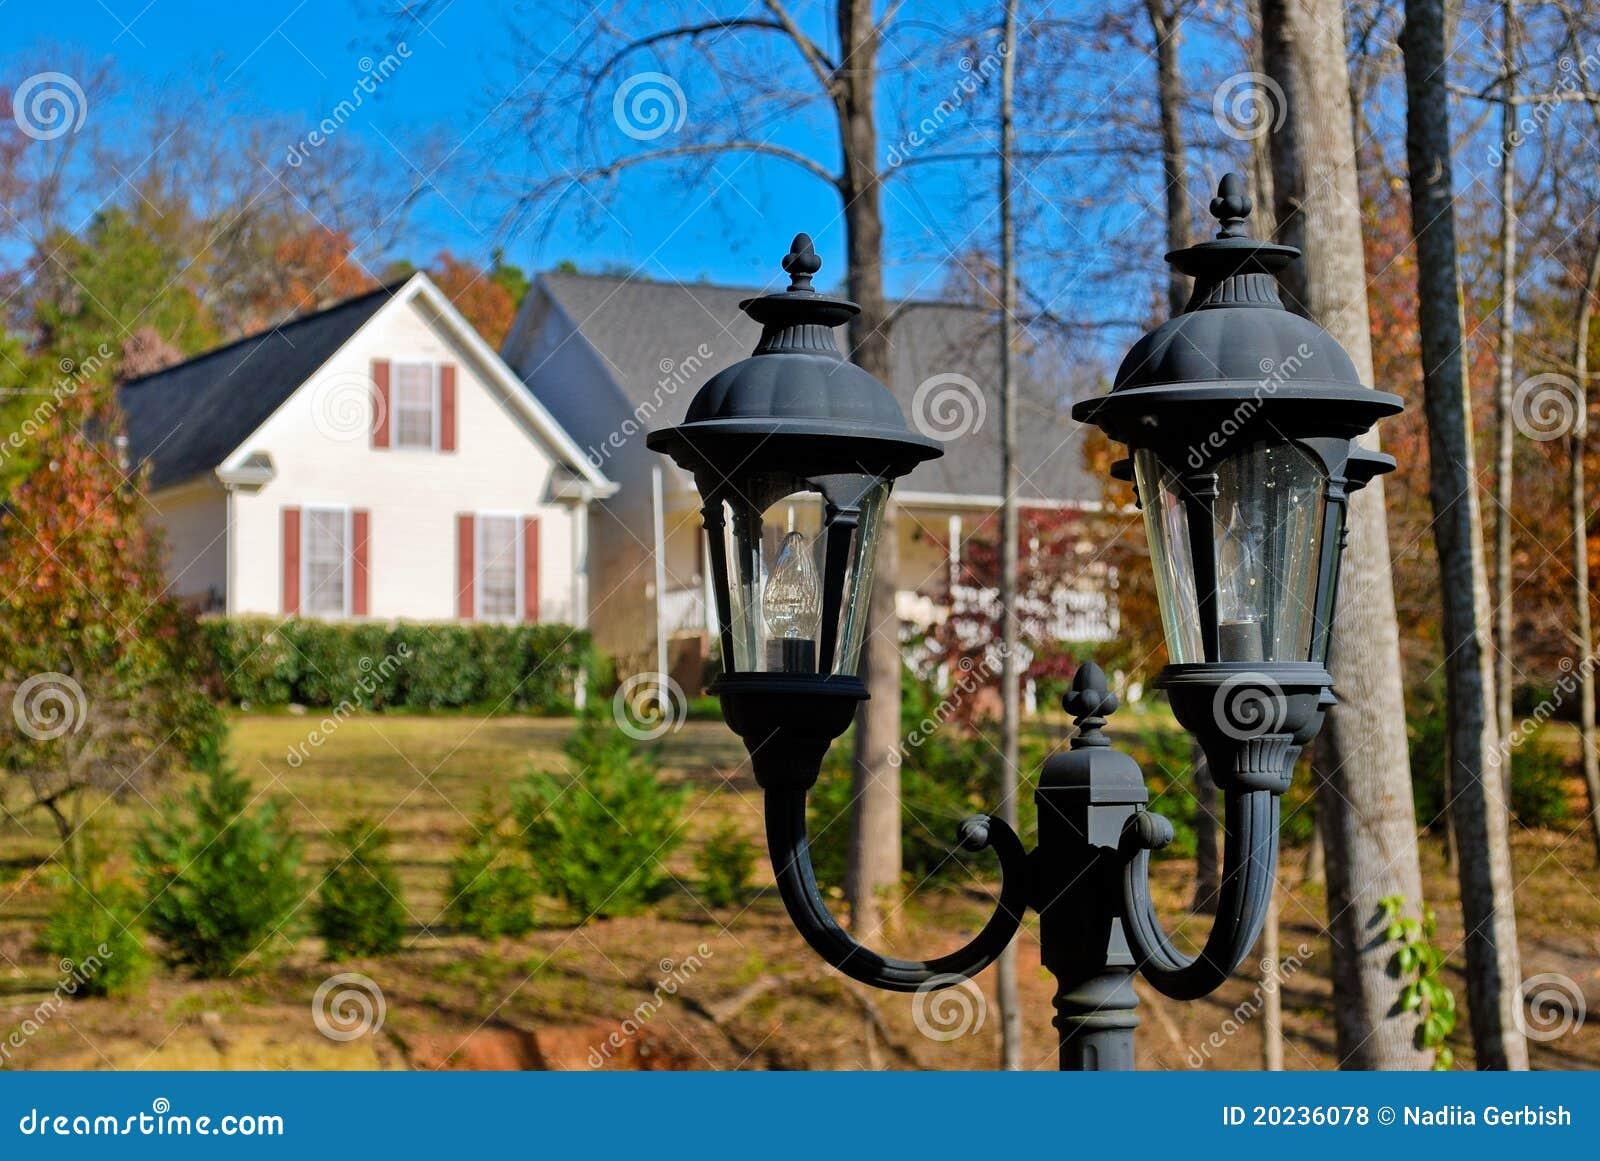 typisches amerikanisches haus stockfoto bild von elektrizit t geb ude 20236078. Black Bedroom Furniture Sets. Home Design Ideas